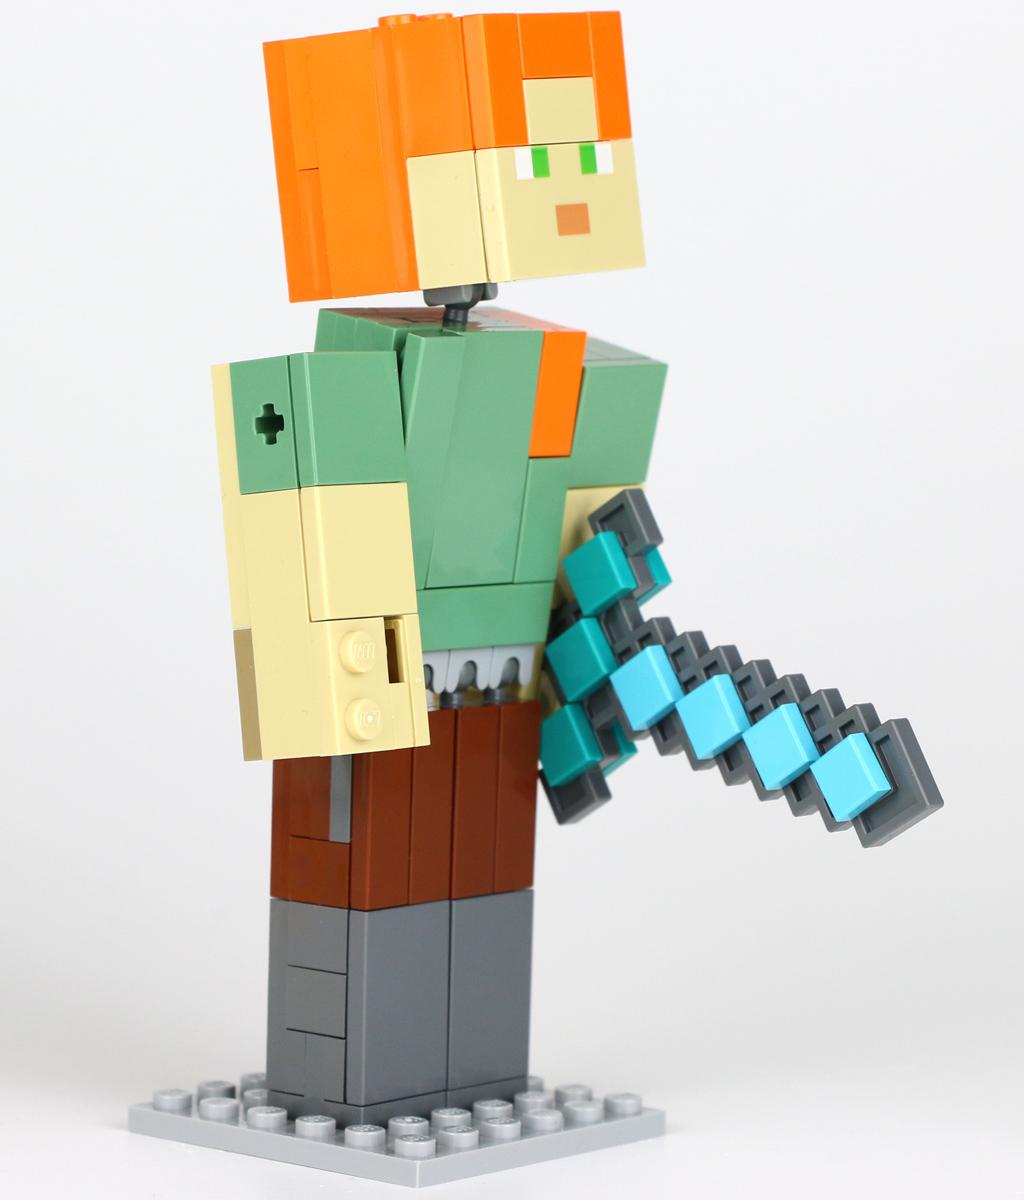 lego-minecraft-bigfig-alex-mit-huhn-21149-seite-2018-zusammengebaut-andres-lehmann zusammengebaut.com